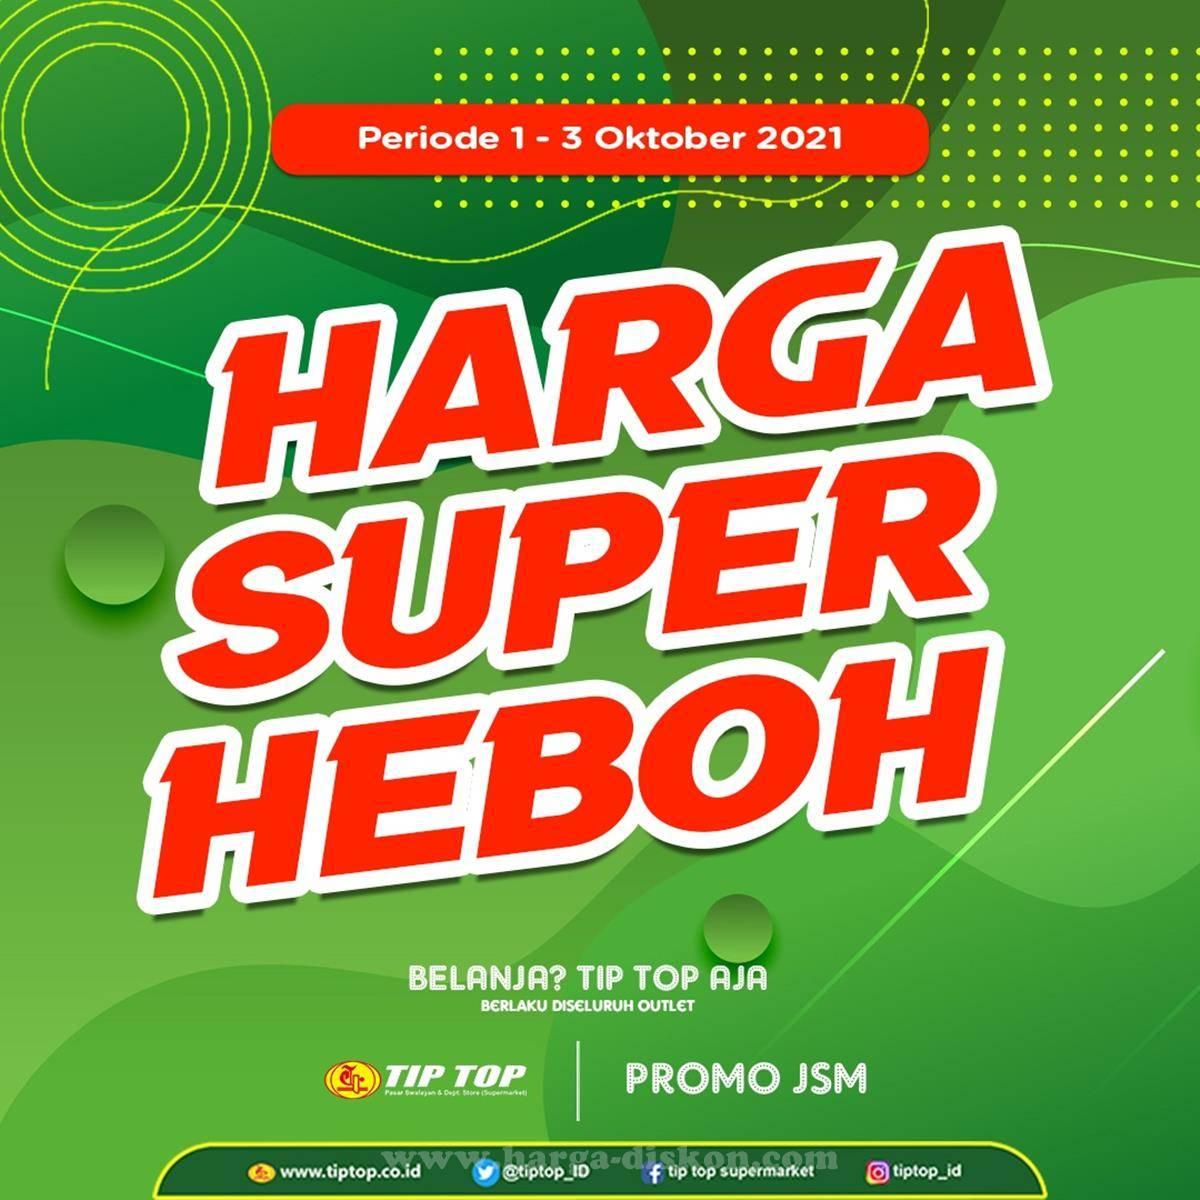 Diskon Promo TipTop Akhir Pekan Weekend JSM Periode 1-3 Oktober 2021